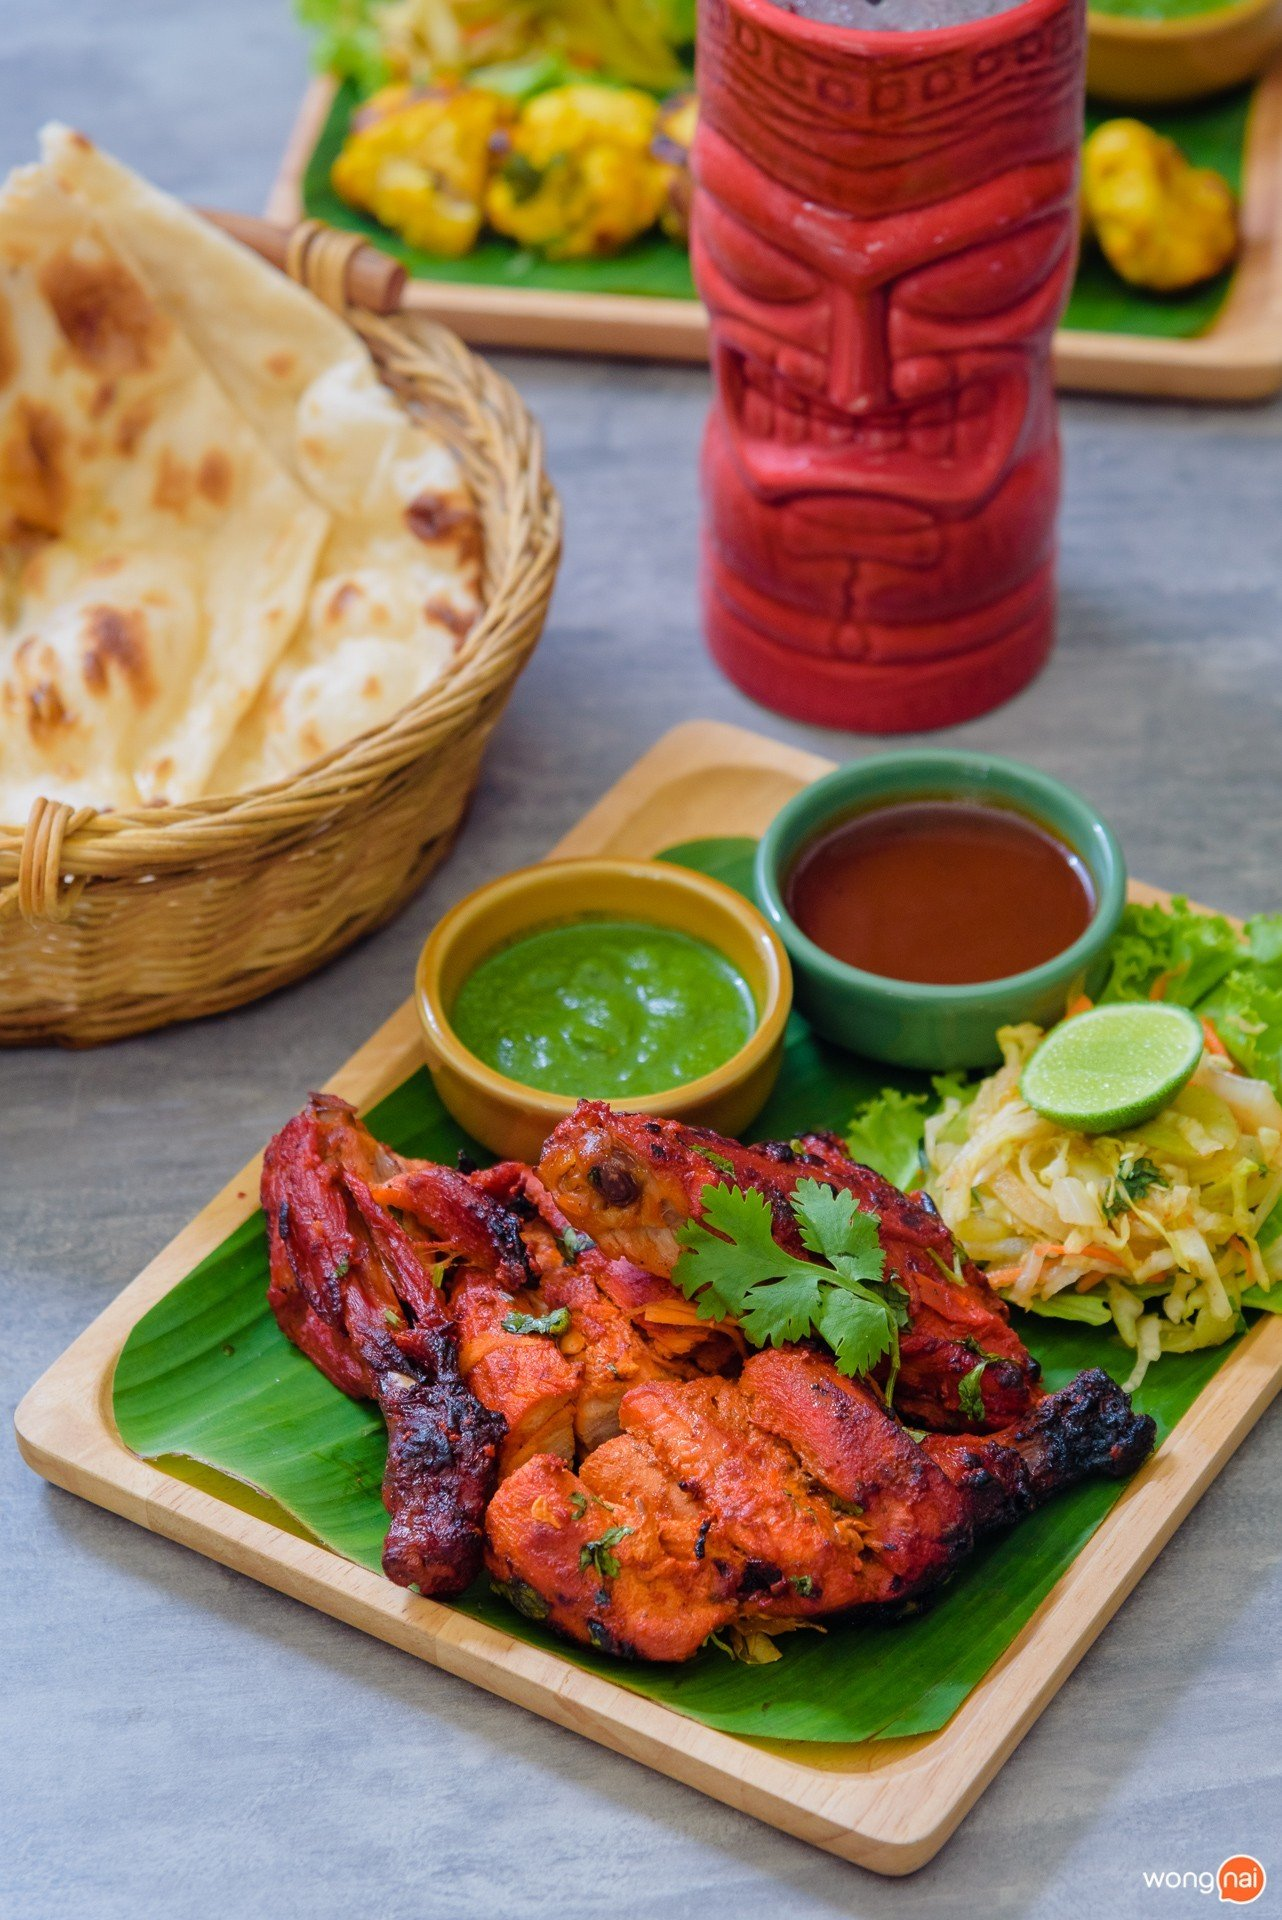 """เมนู """"Half Chicken tandoori"""" ของร้าน ในโซน Public House ของห้าง Central Festival Phuket"""